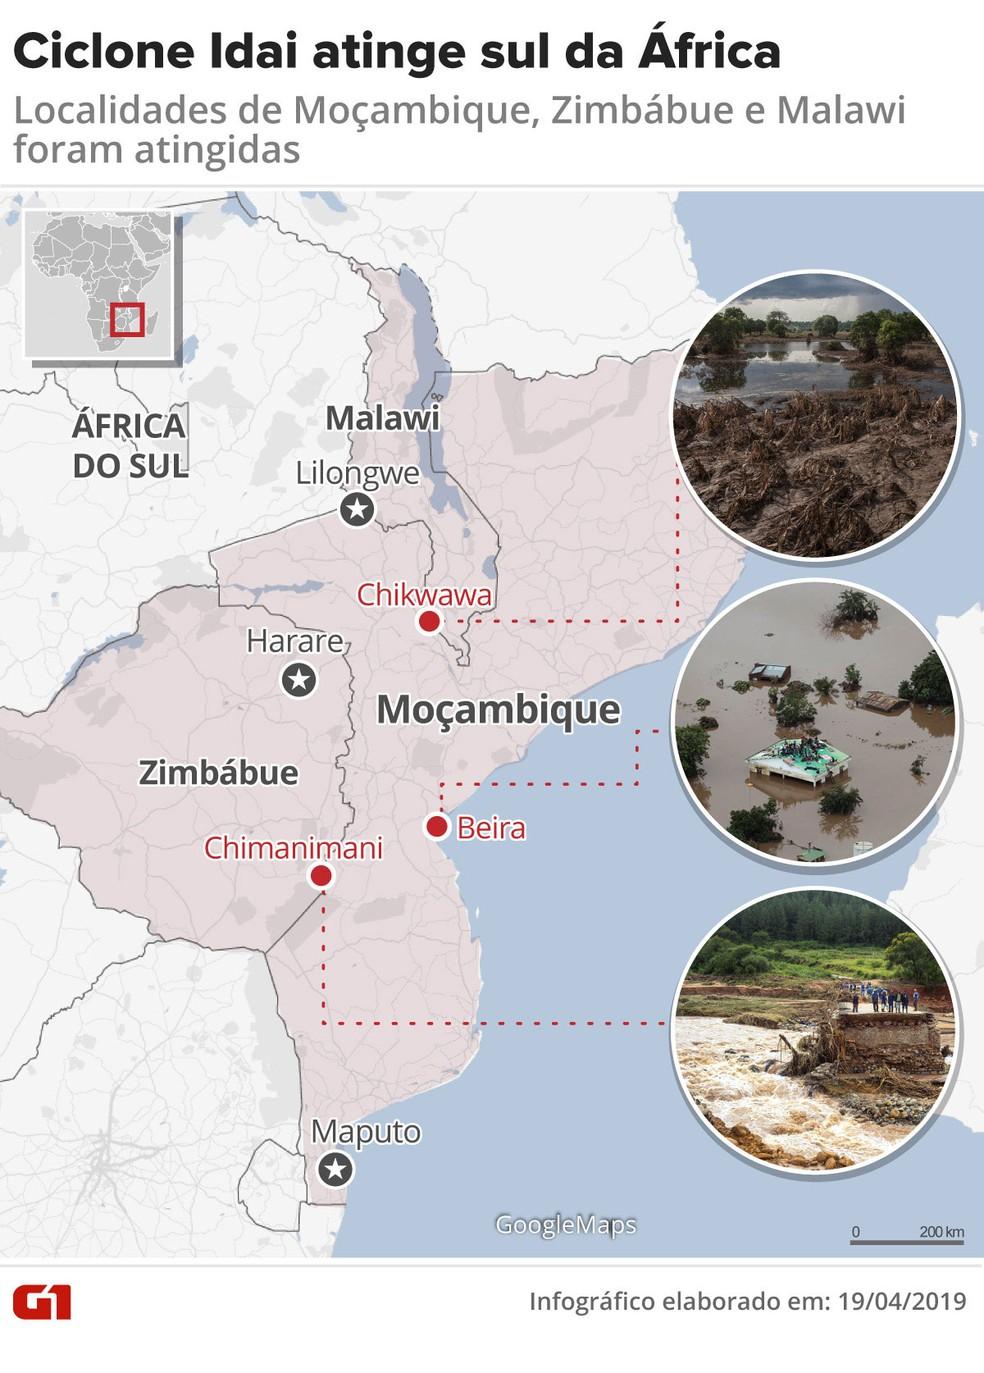 Ciclone Idai atingiu Moçambique, Zimbábue e Malawi — Foto: Karina Almeida/G1